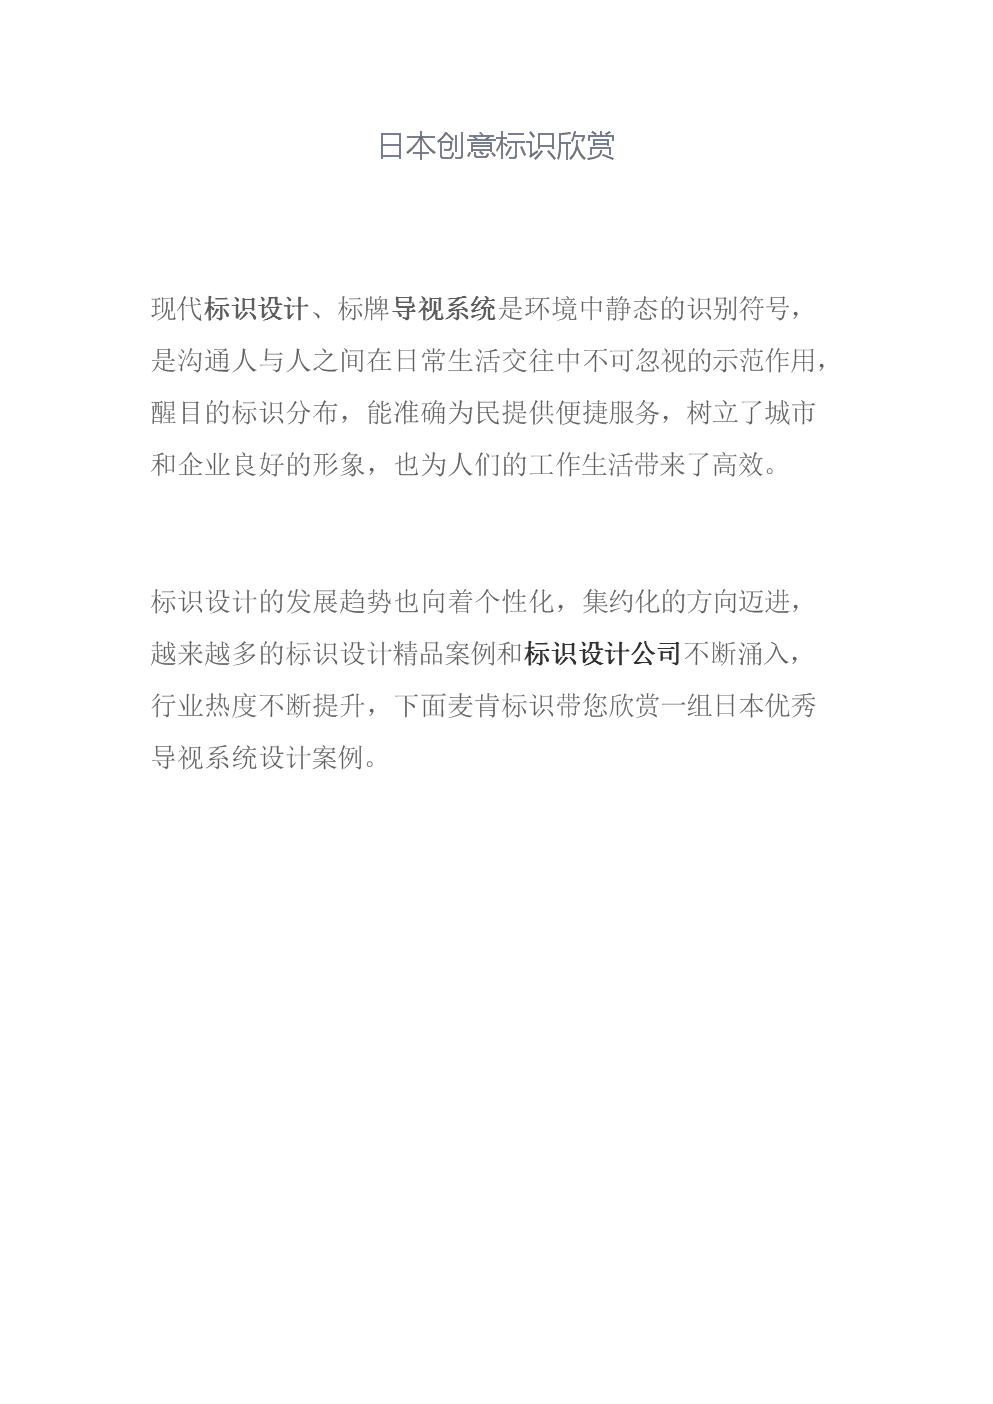 日本创意标识欣赏.docx